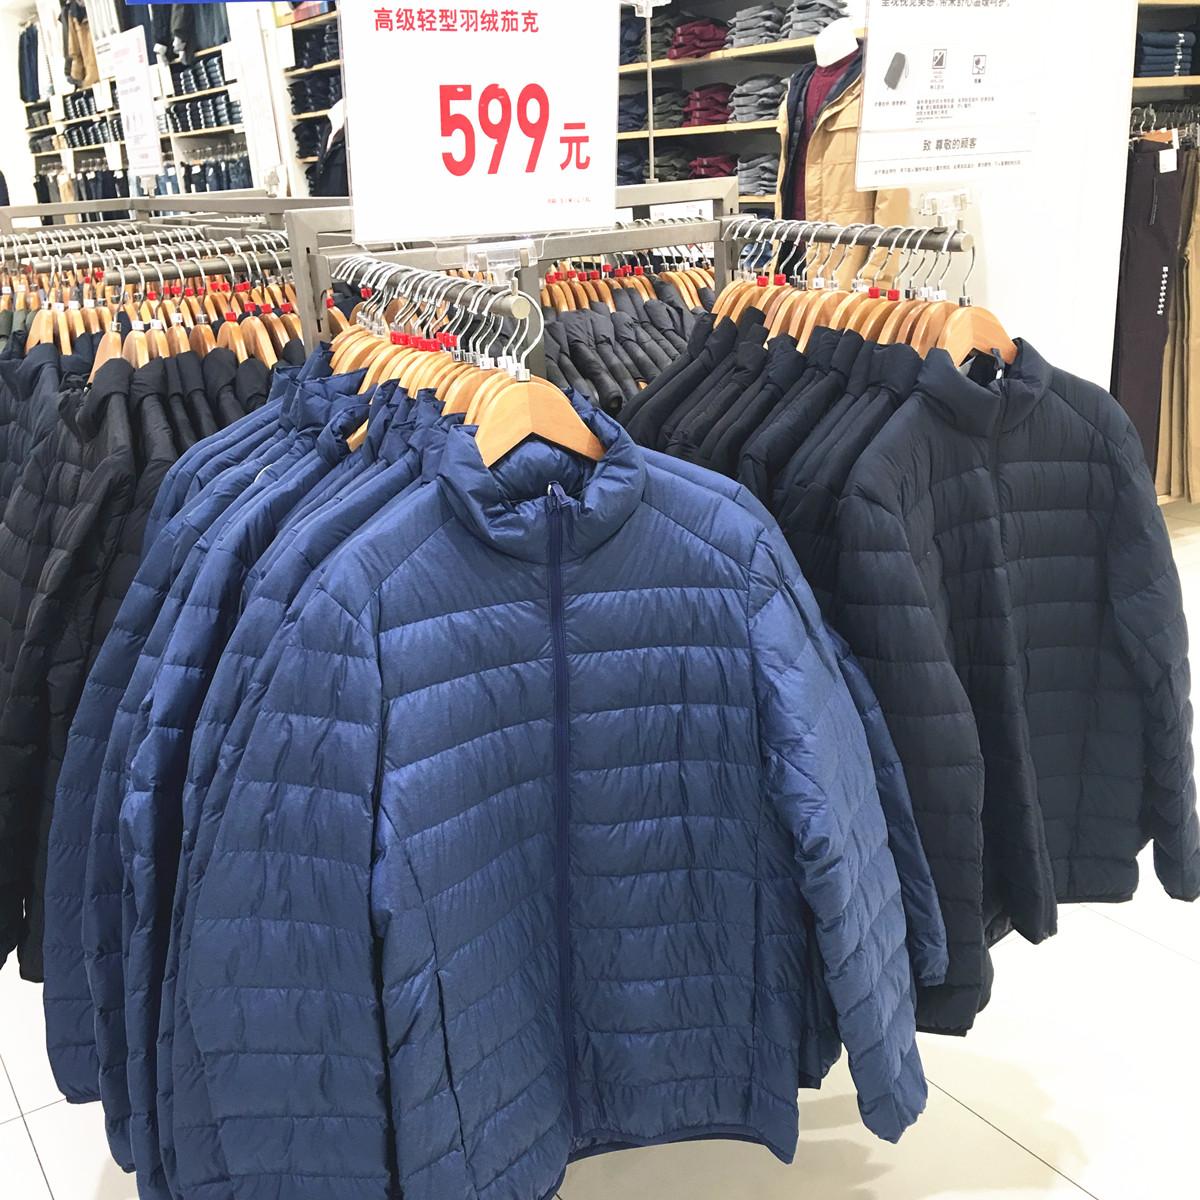 2017 новый зимний осенний тонкий куртка мужчина зазор сверхлегкий тонкий легкий в молодежь куртка тонкая модель пальто